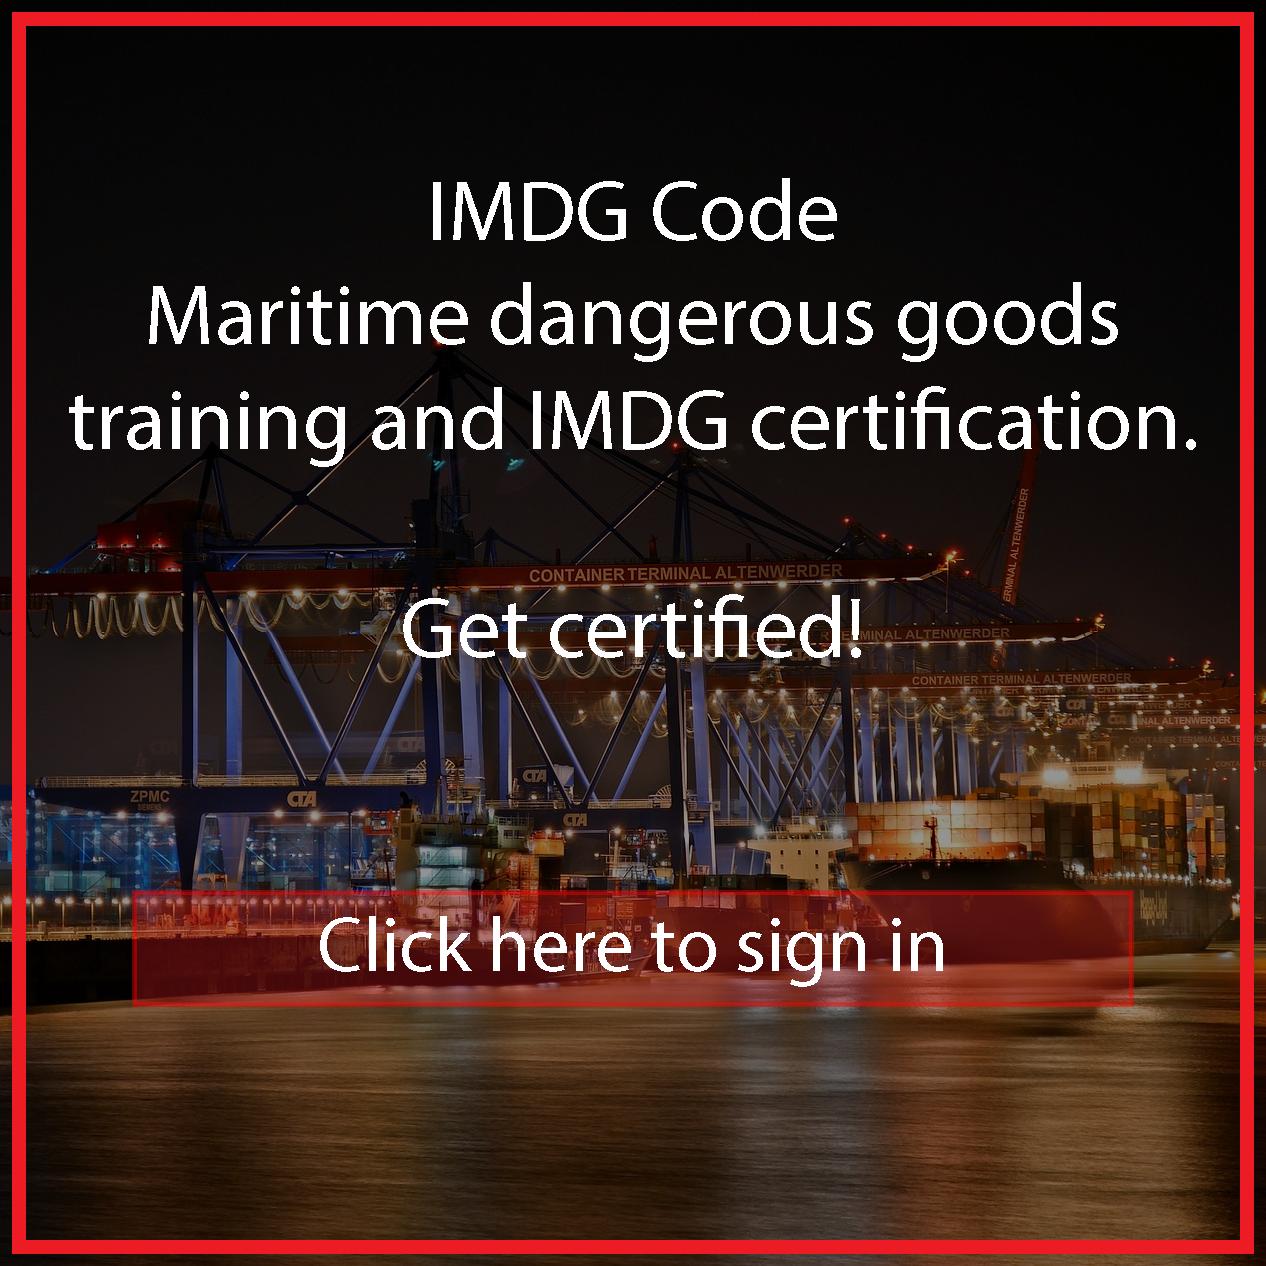 IMDG Course Online